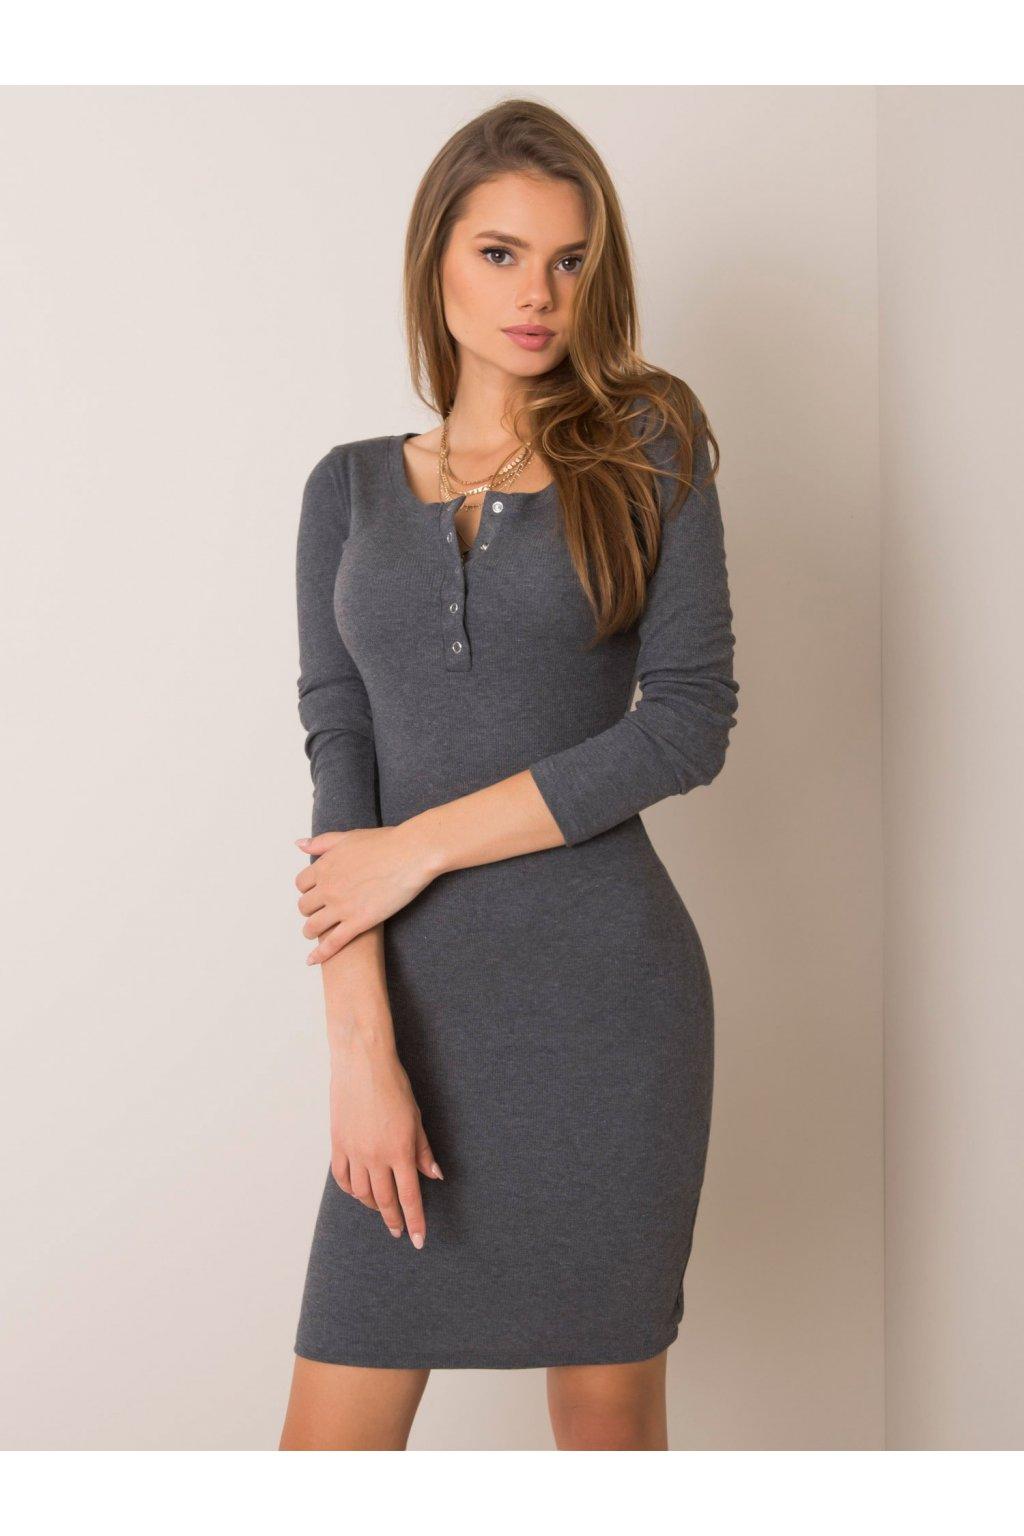 pol pl Ciemnoszara sukienka Mercy RUE PARIS 354807 2